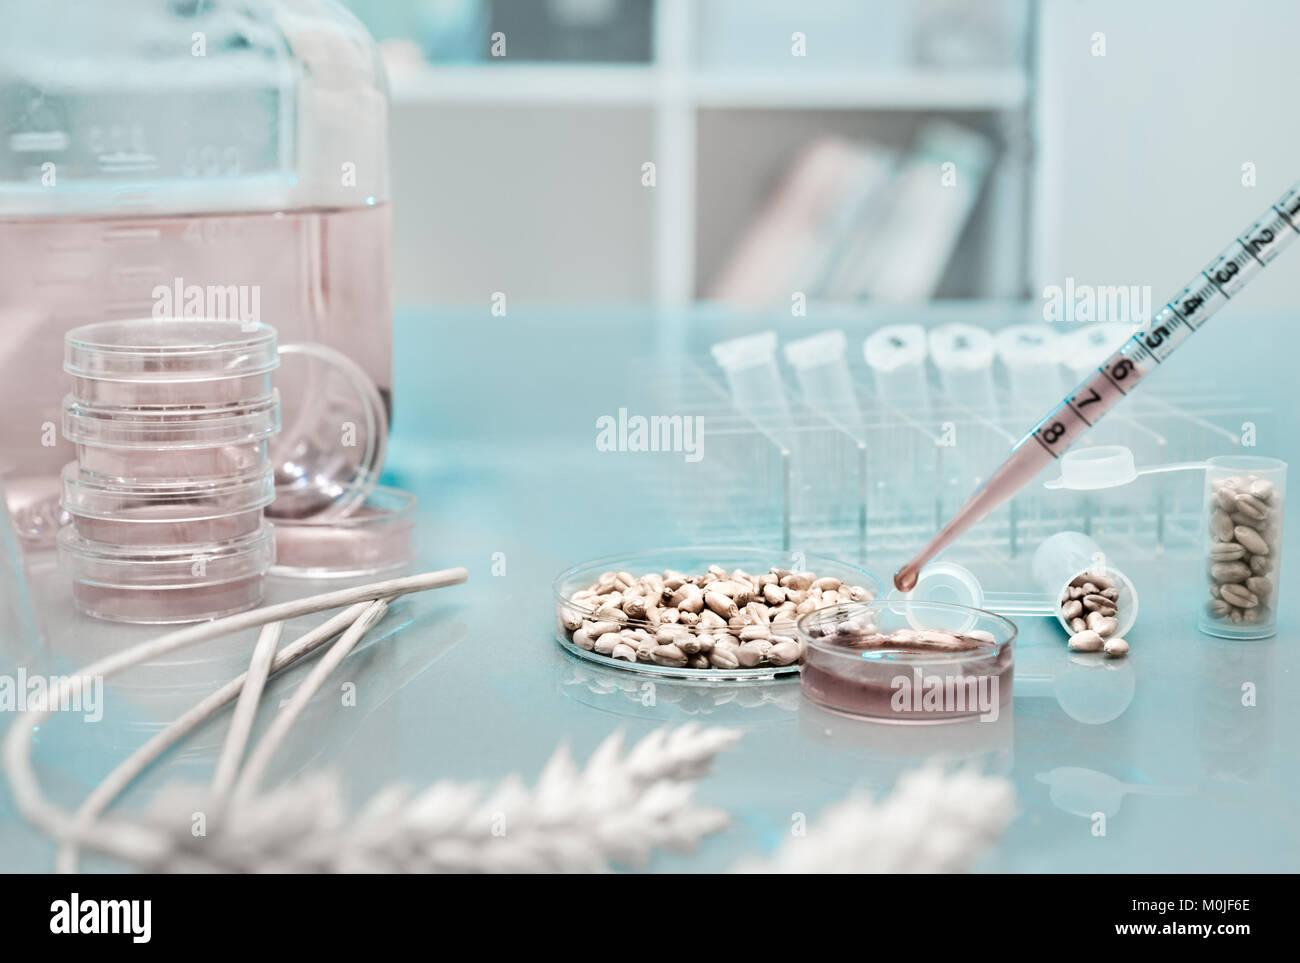 Épreuve de culture cellulaire pour tester le blé génétiquement modifié Photo Stock